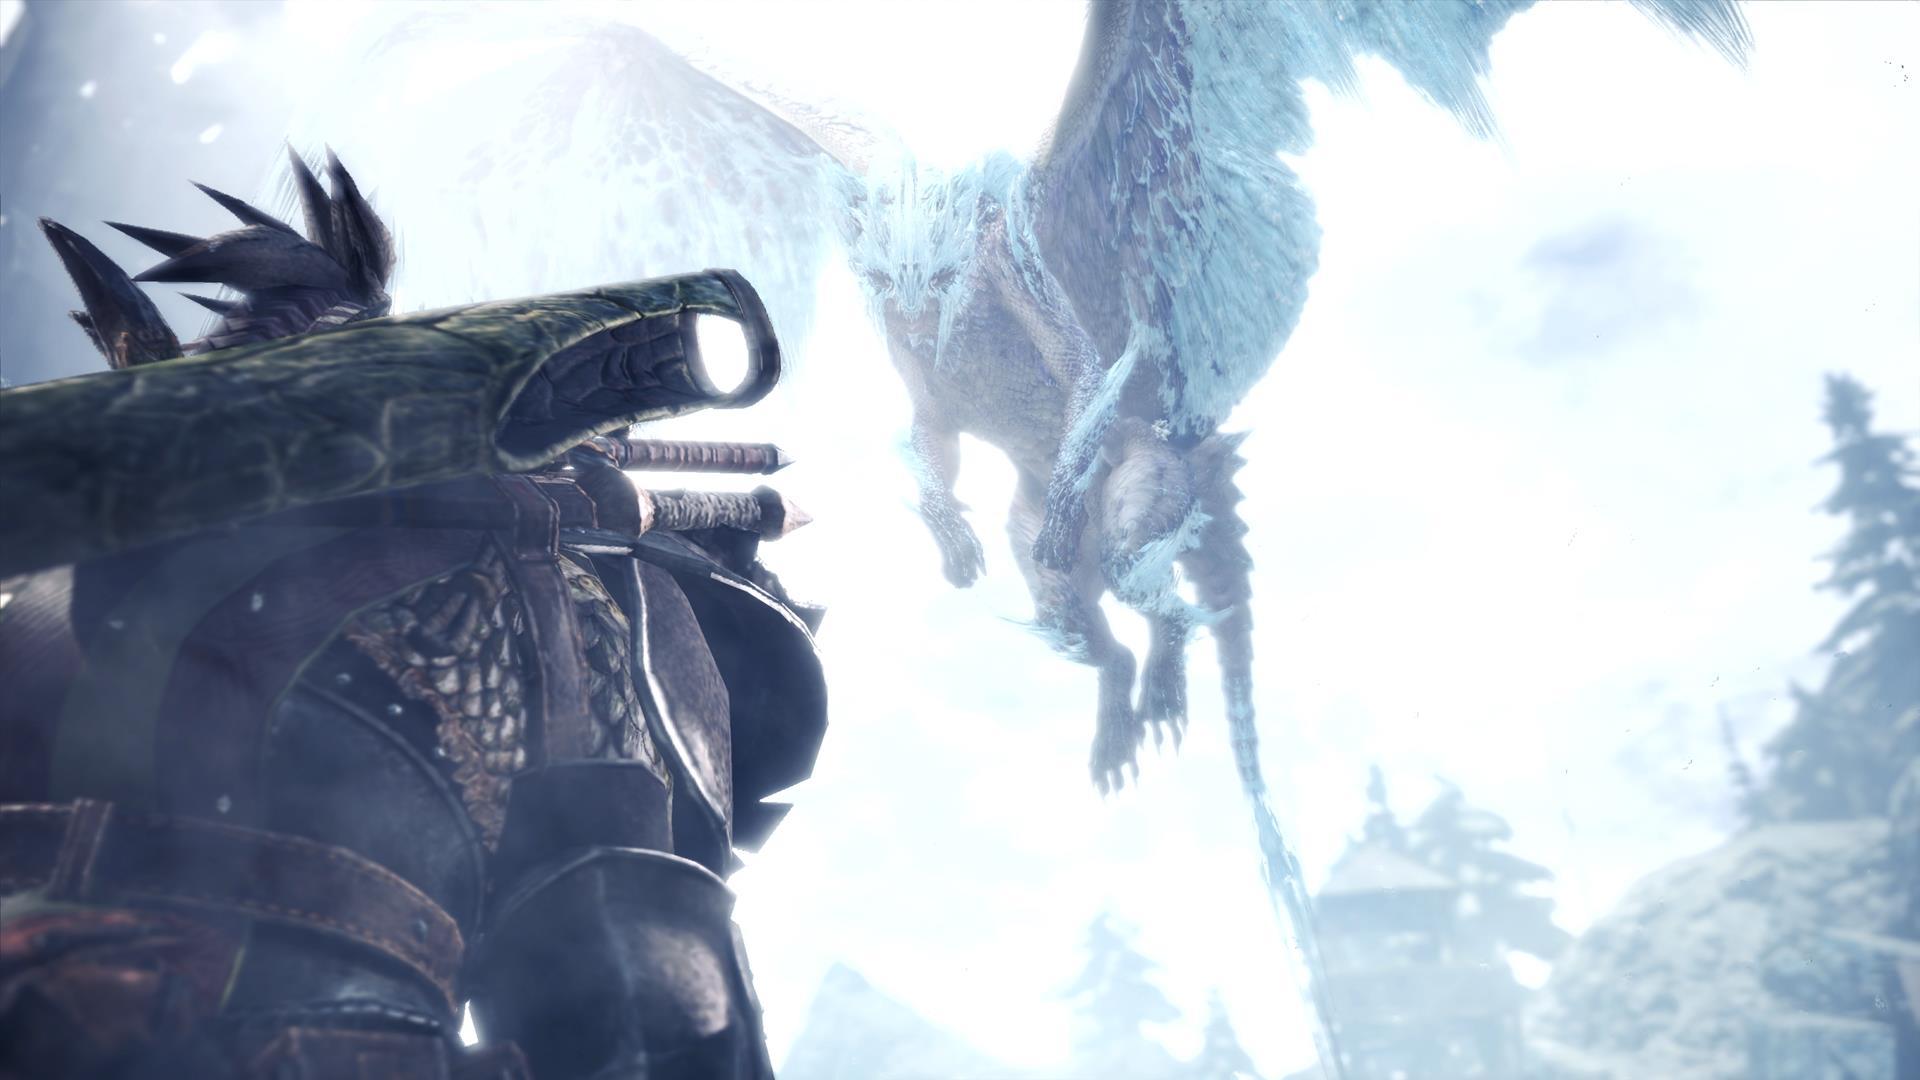 Image for Monster Hunter World PC patch fixes more DX12 crashes, Observation Log bug